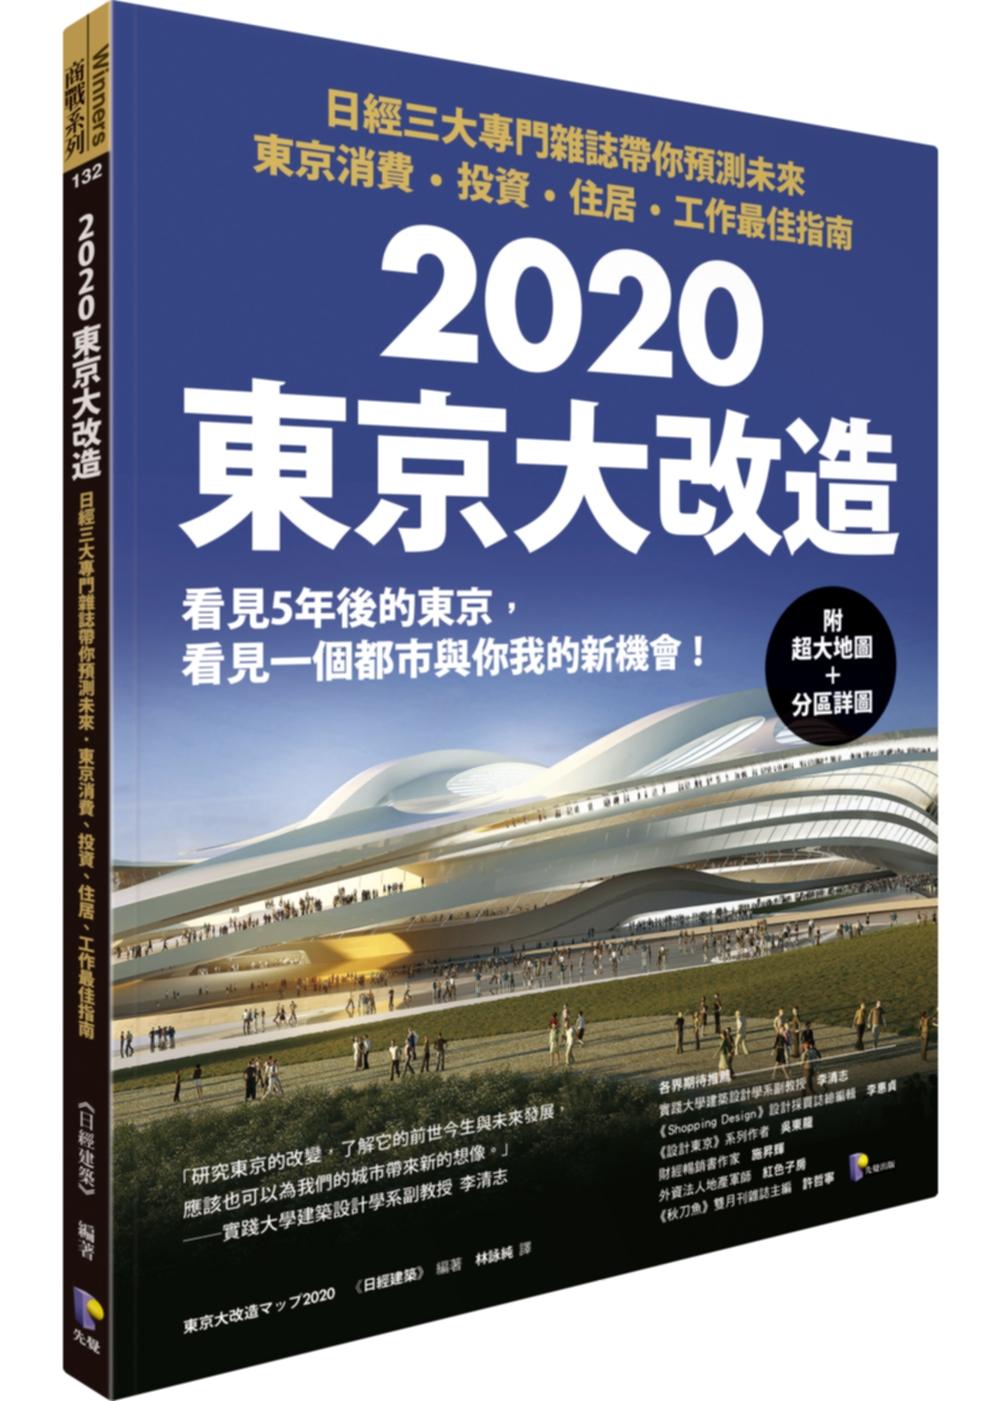 2020東京大改造:日經三大專門雜誌帶你預測未來‧東京消費、投資、住居、工作最佳指南(附超大地圖+分區詳圖)